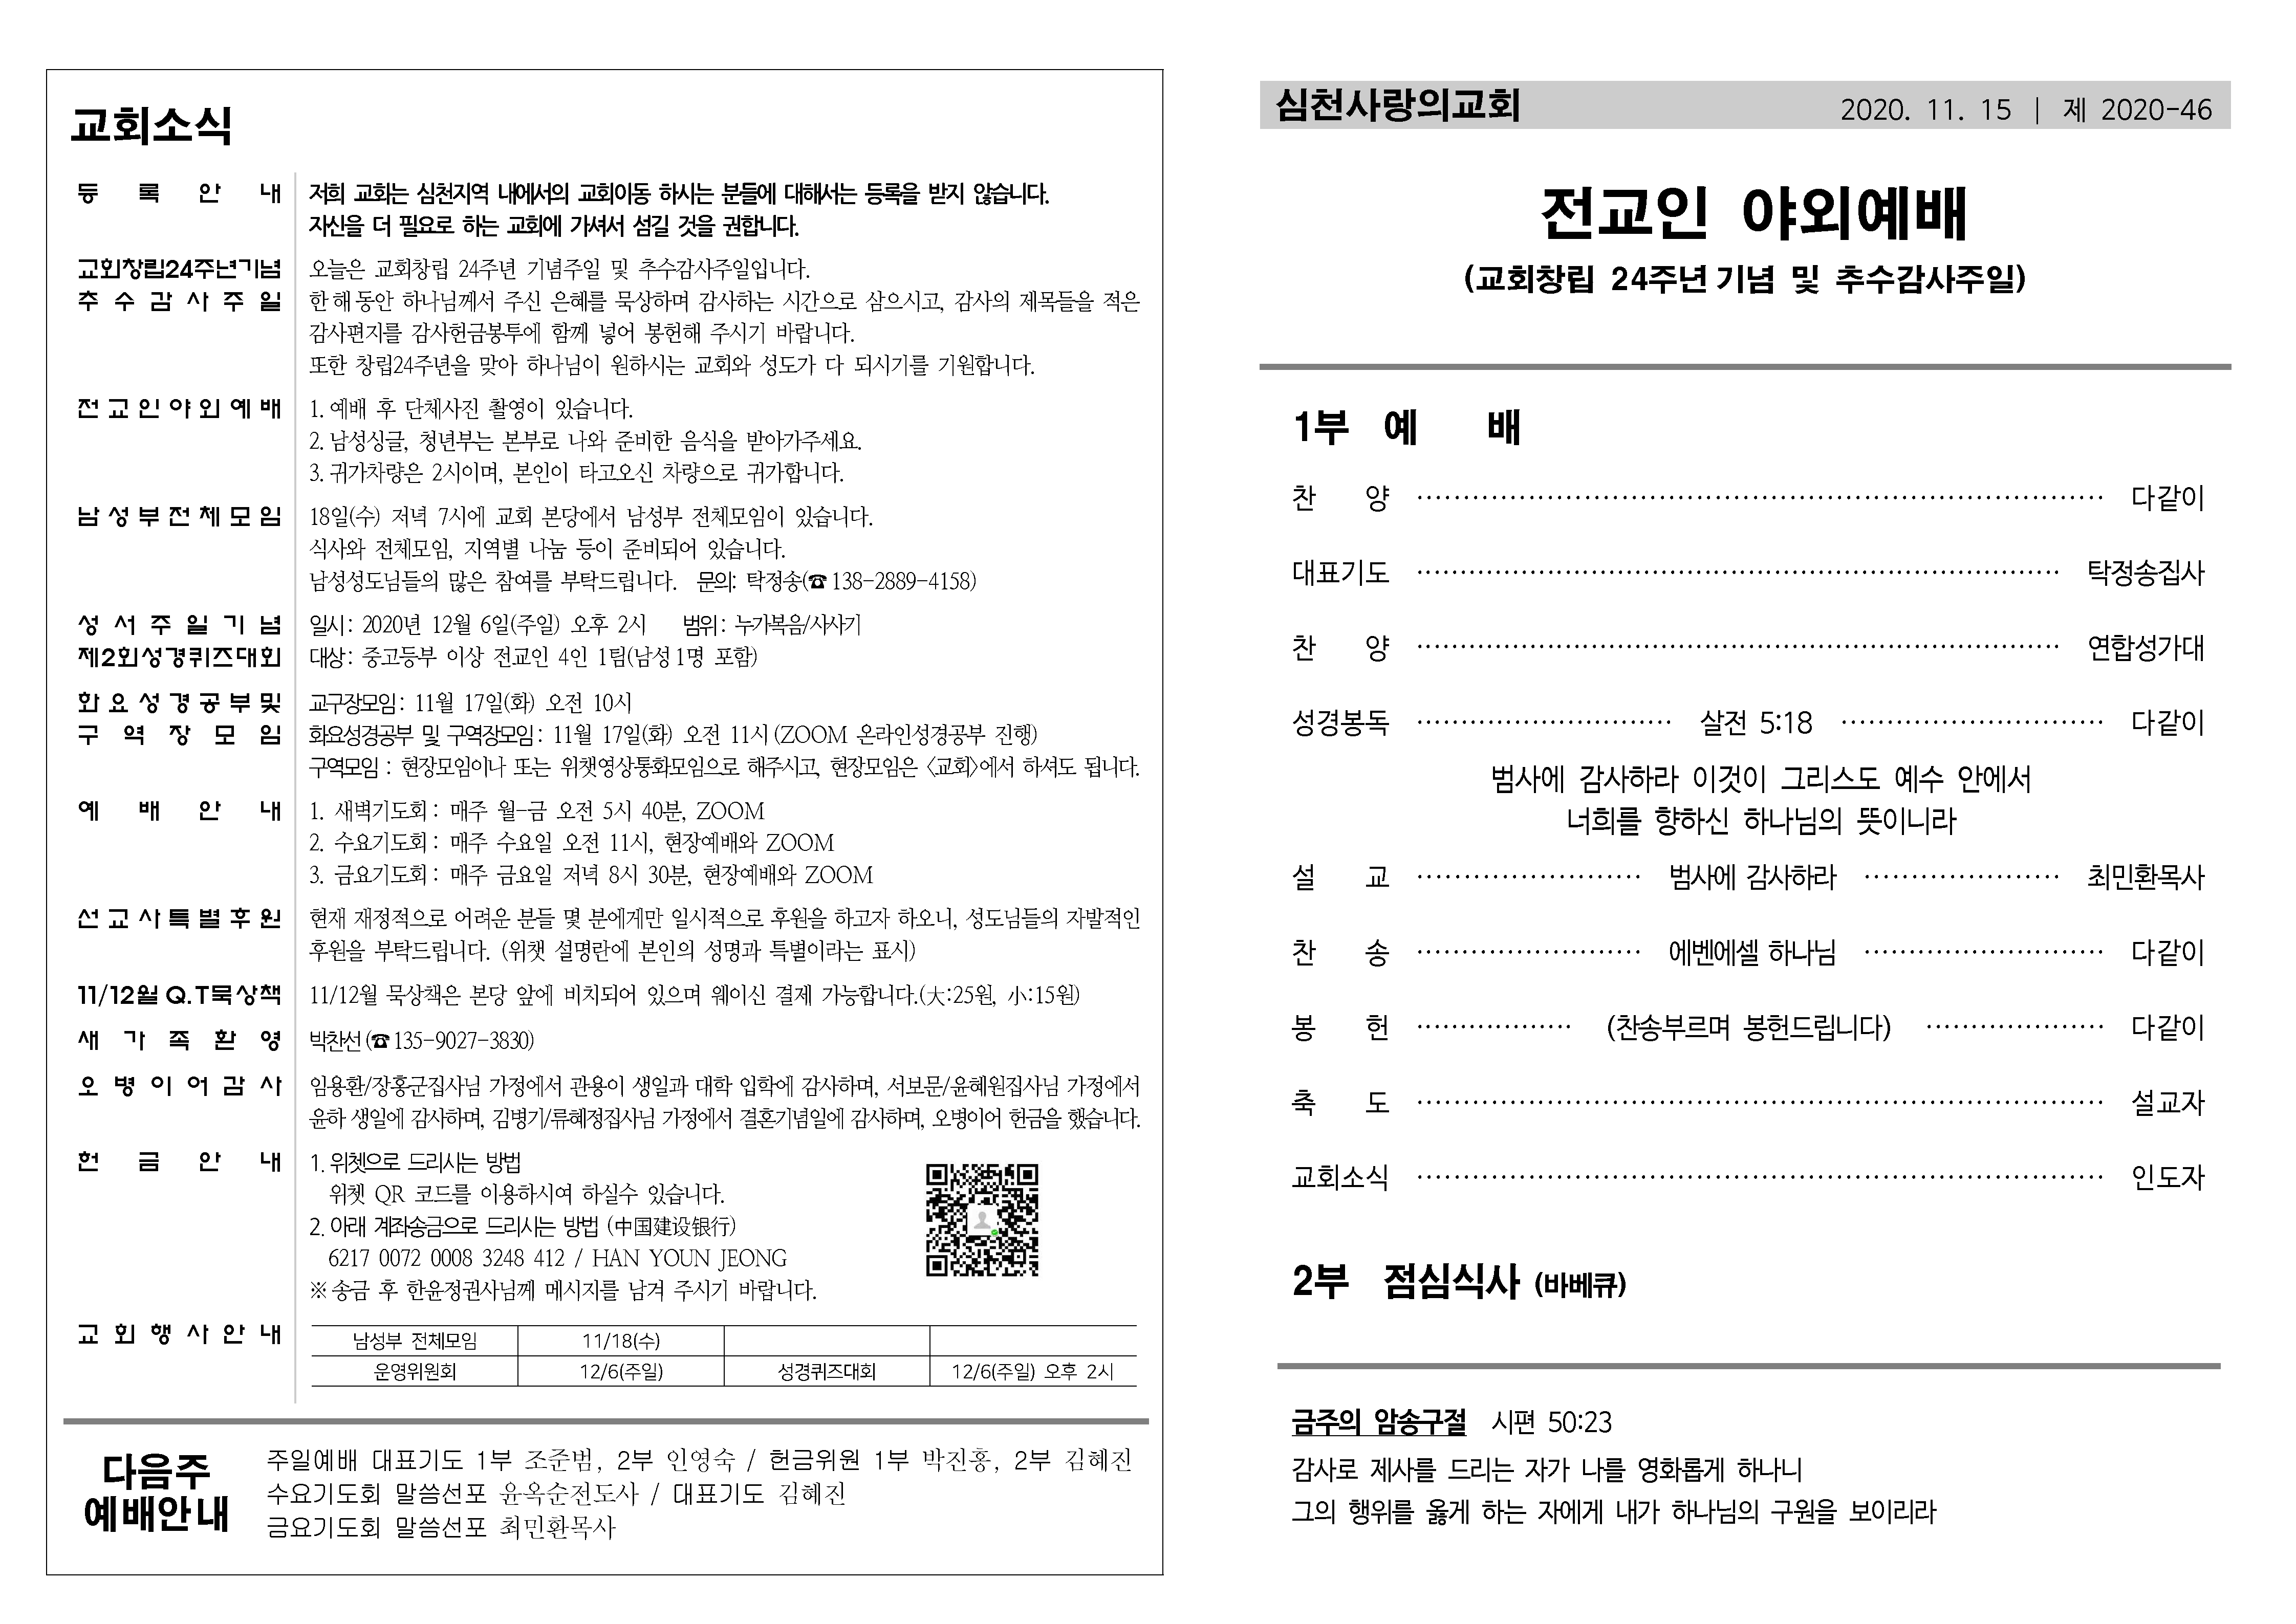 2020-11-15(46) 전교인 야외예배 주보_페이지_1.png